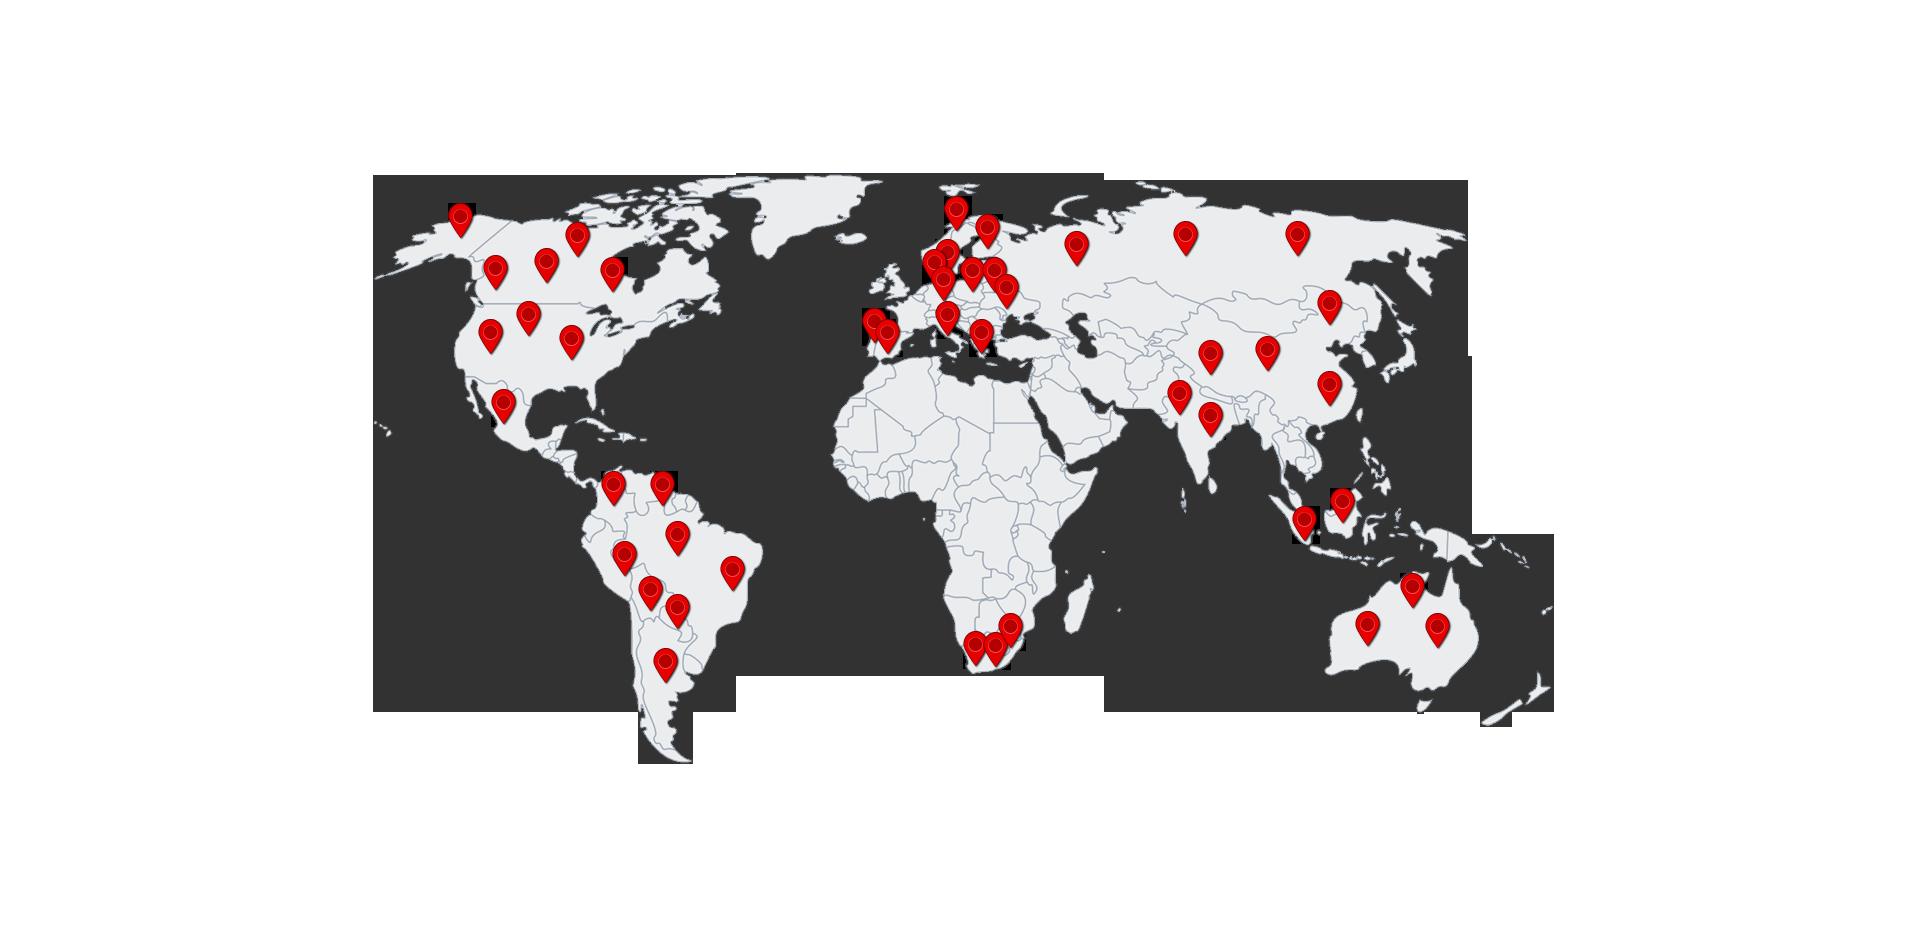 Jarparon projektit maailmalla